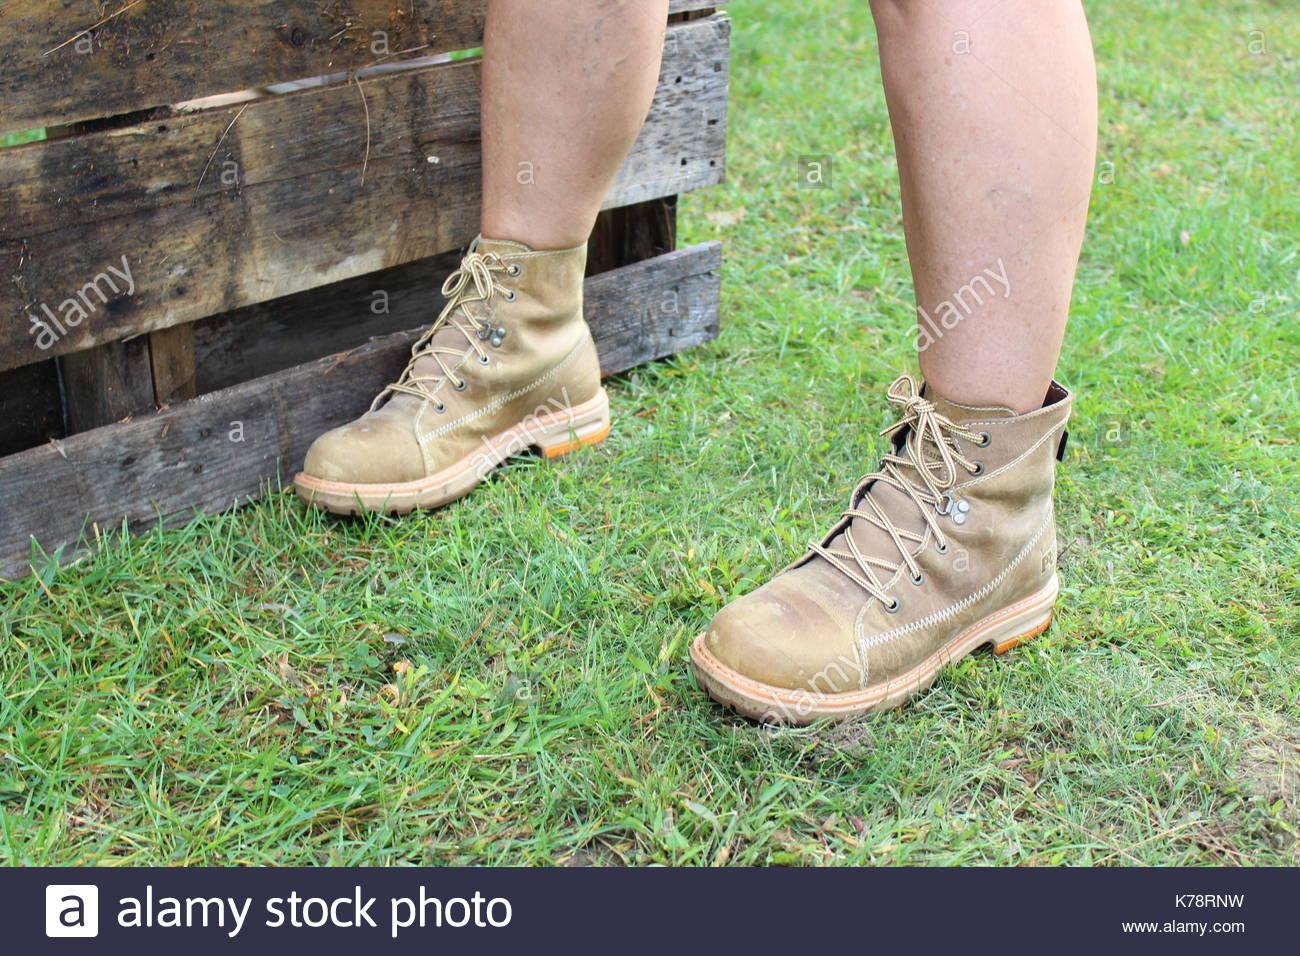 women's work boot - Stock Image